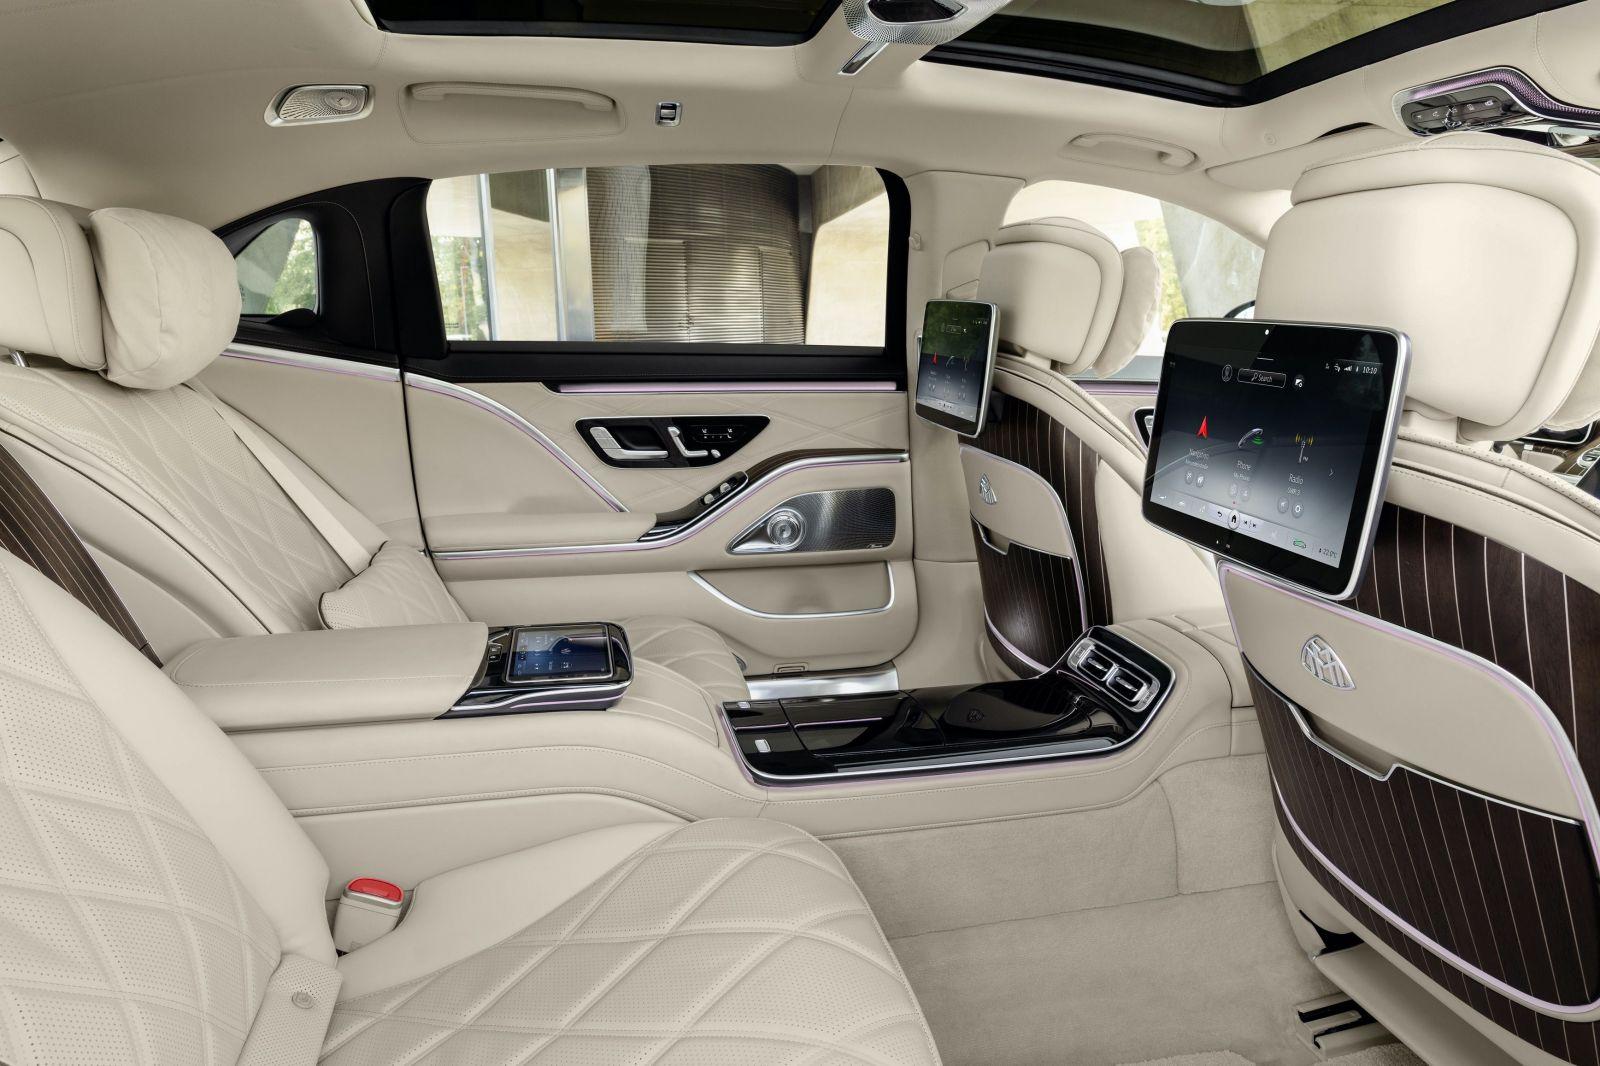 Práve odhalený S-kový Mercedes-Maybach má definovať nový vrchol luxusu